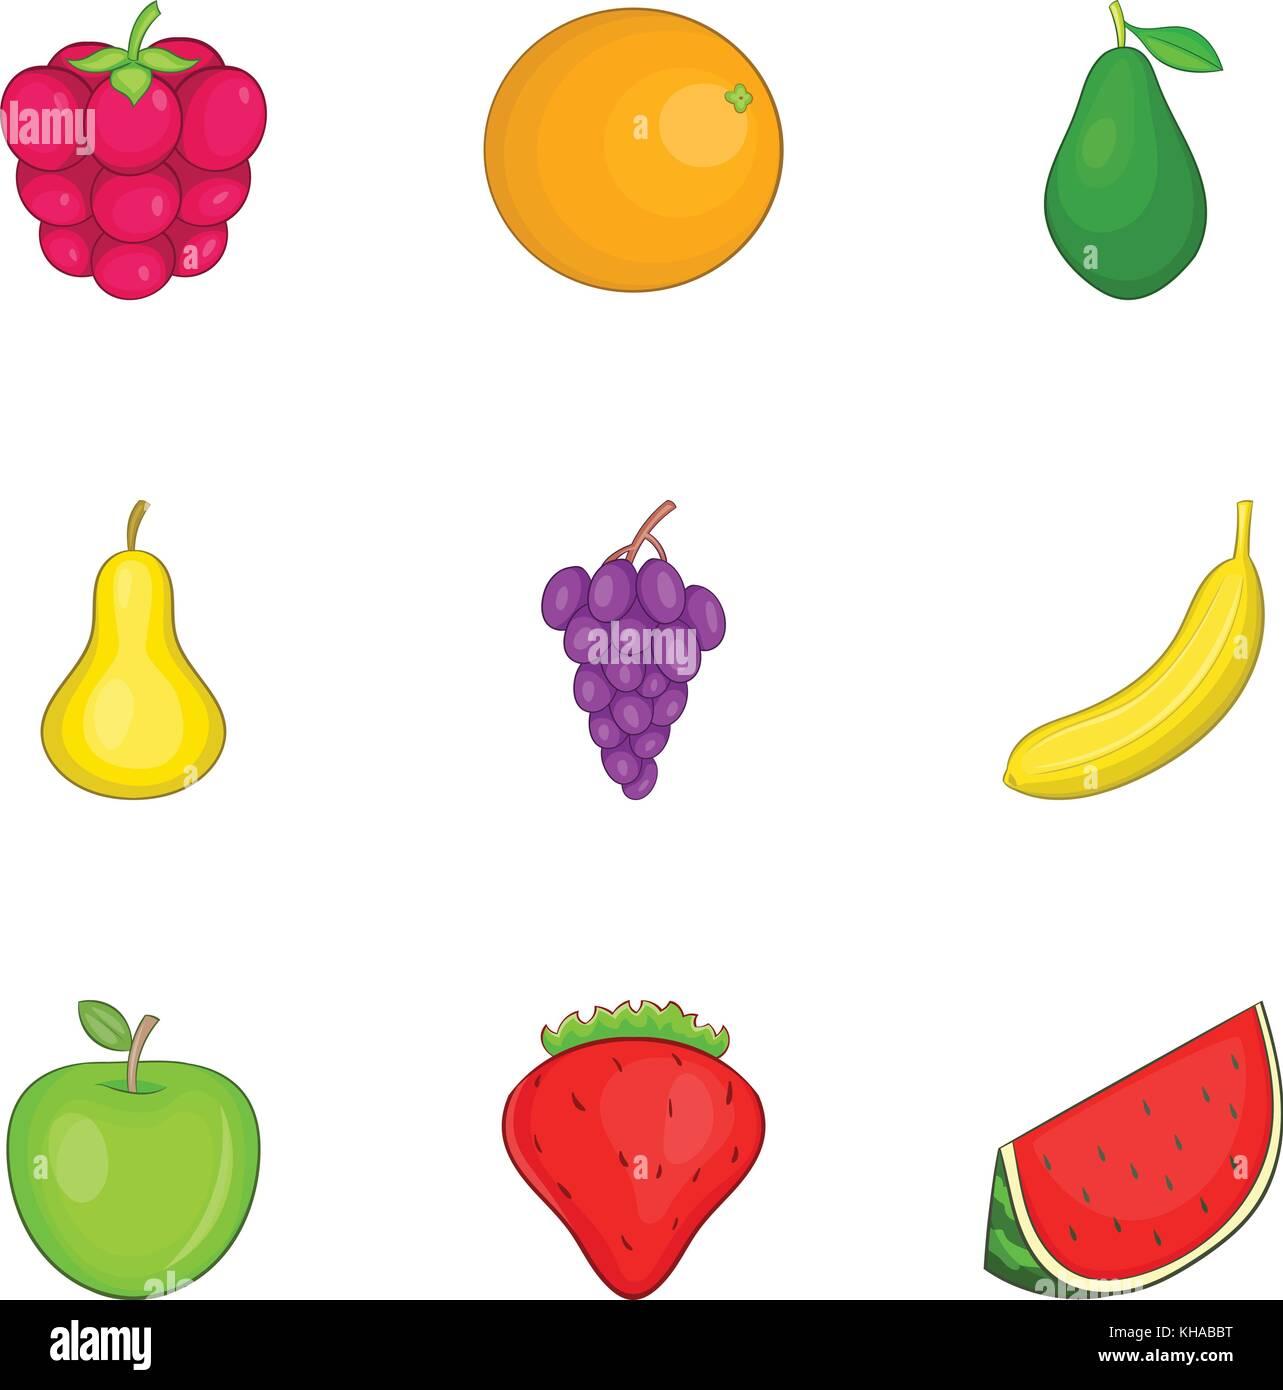 Iconos De Frutas De Color Estilo De Dibujos Animados Ilustracion